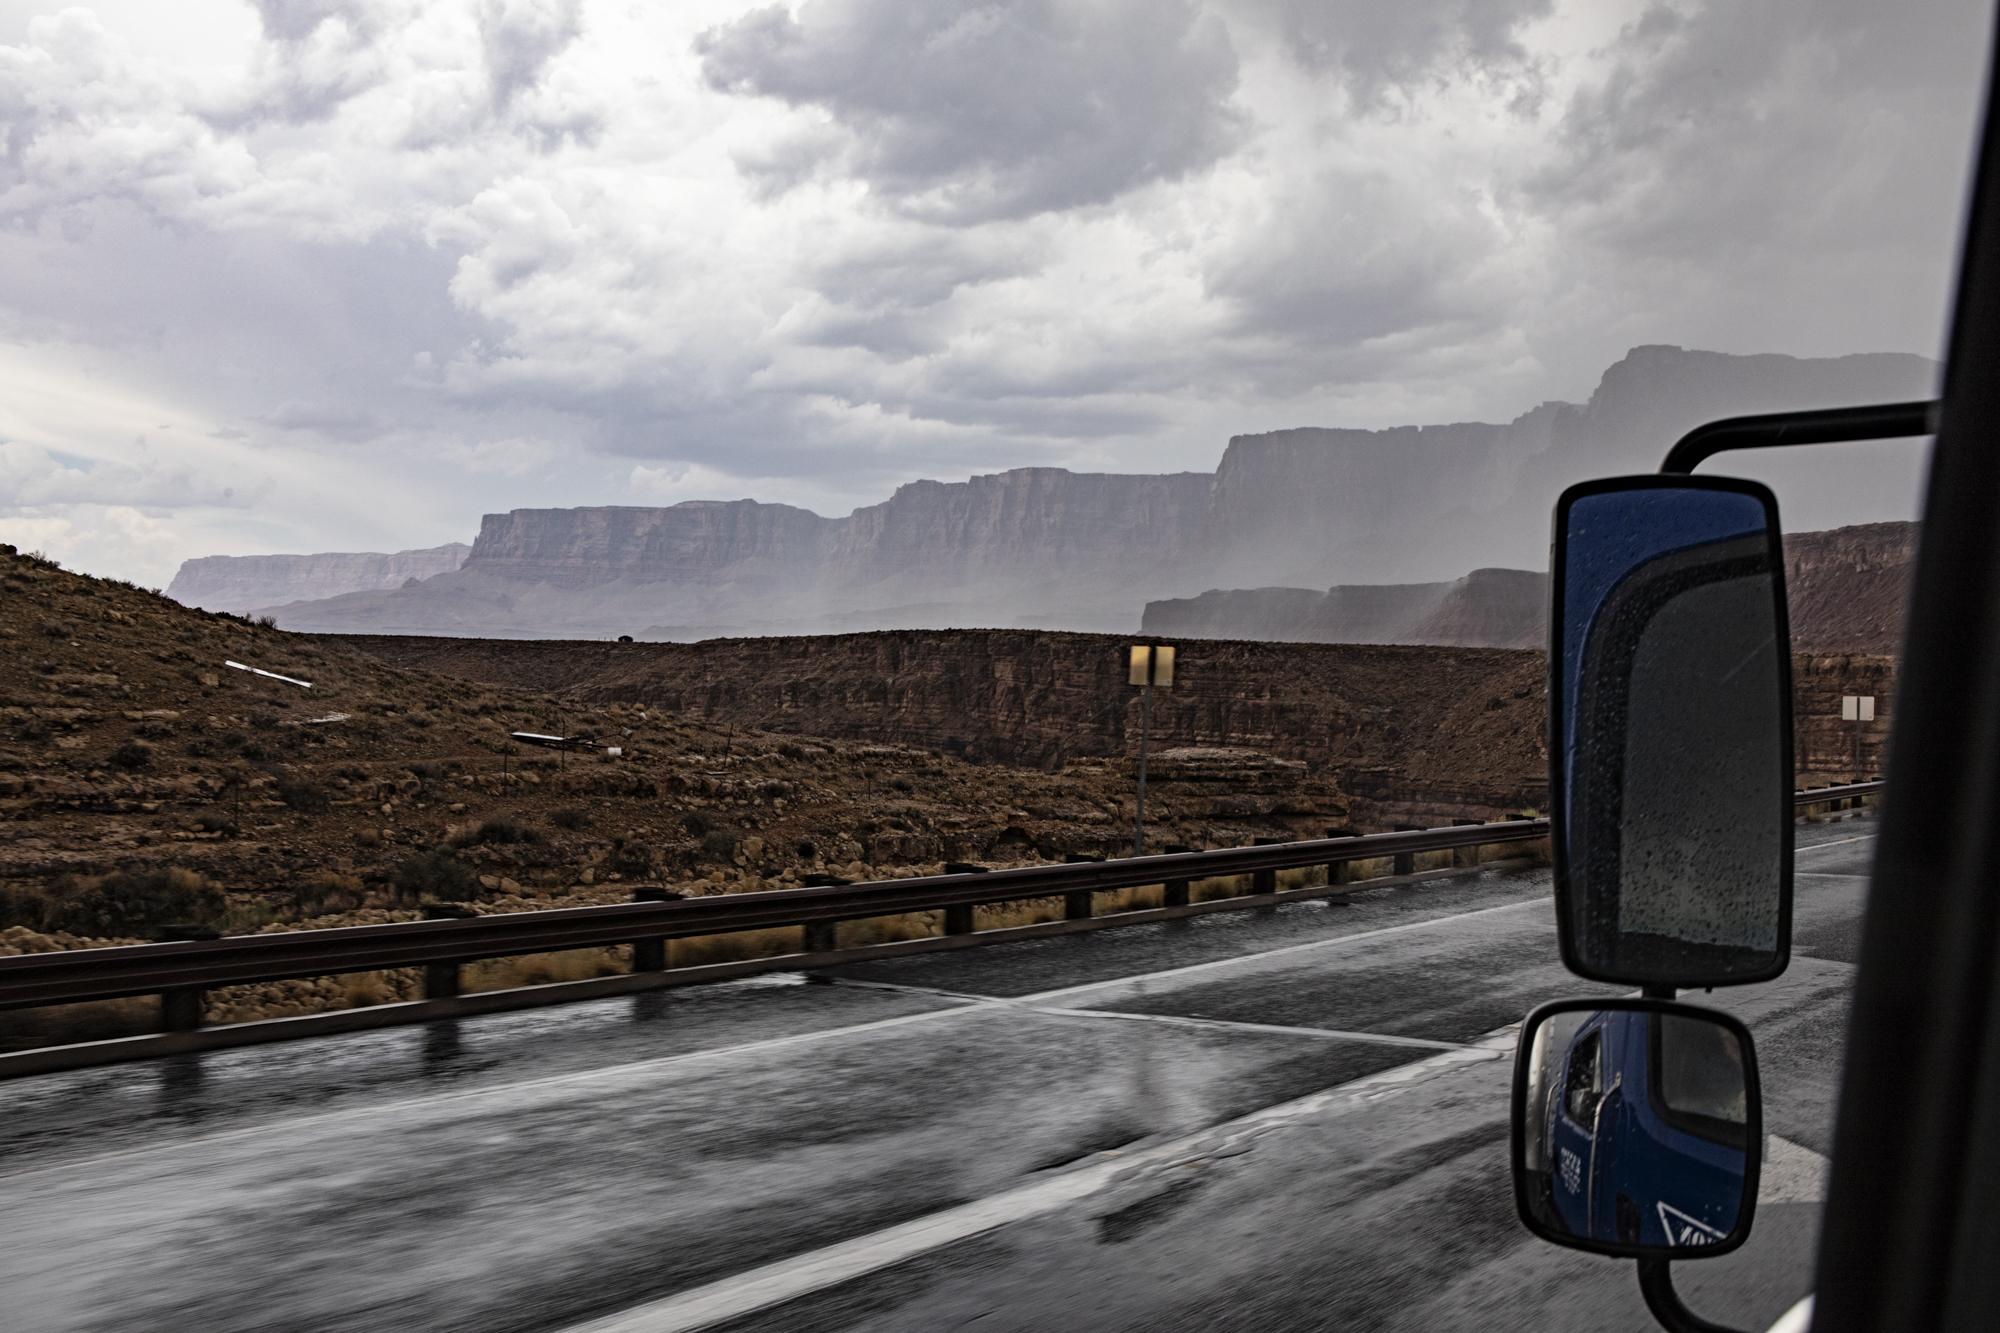 Rains falling across the canyon.